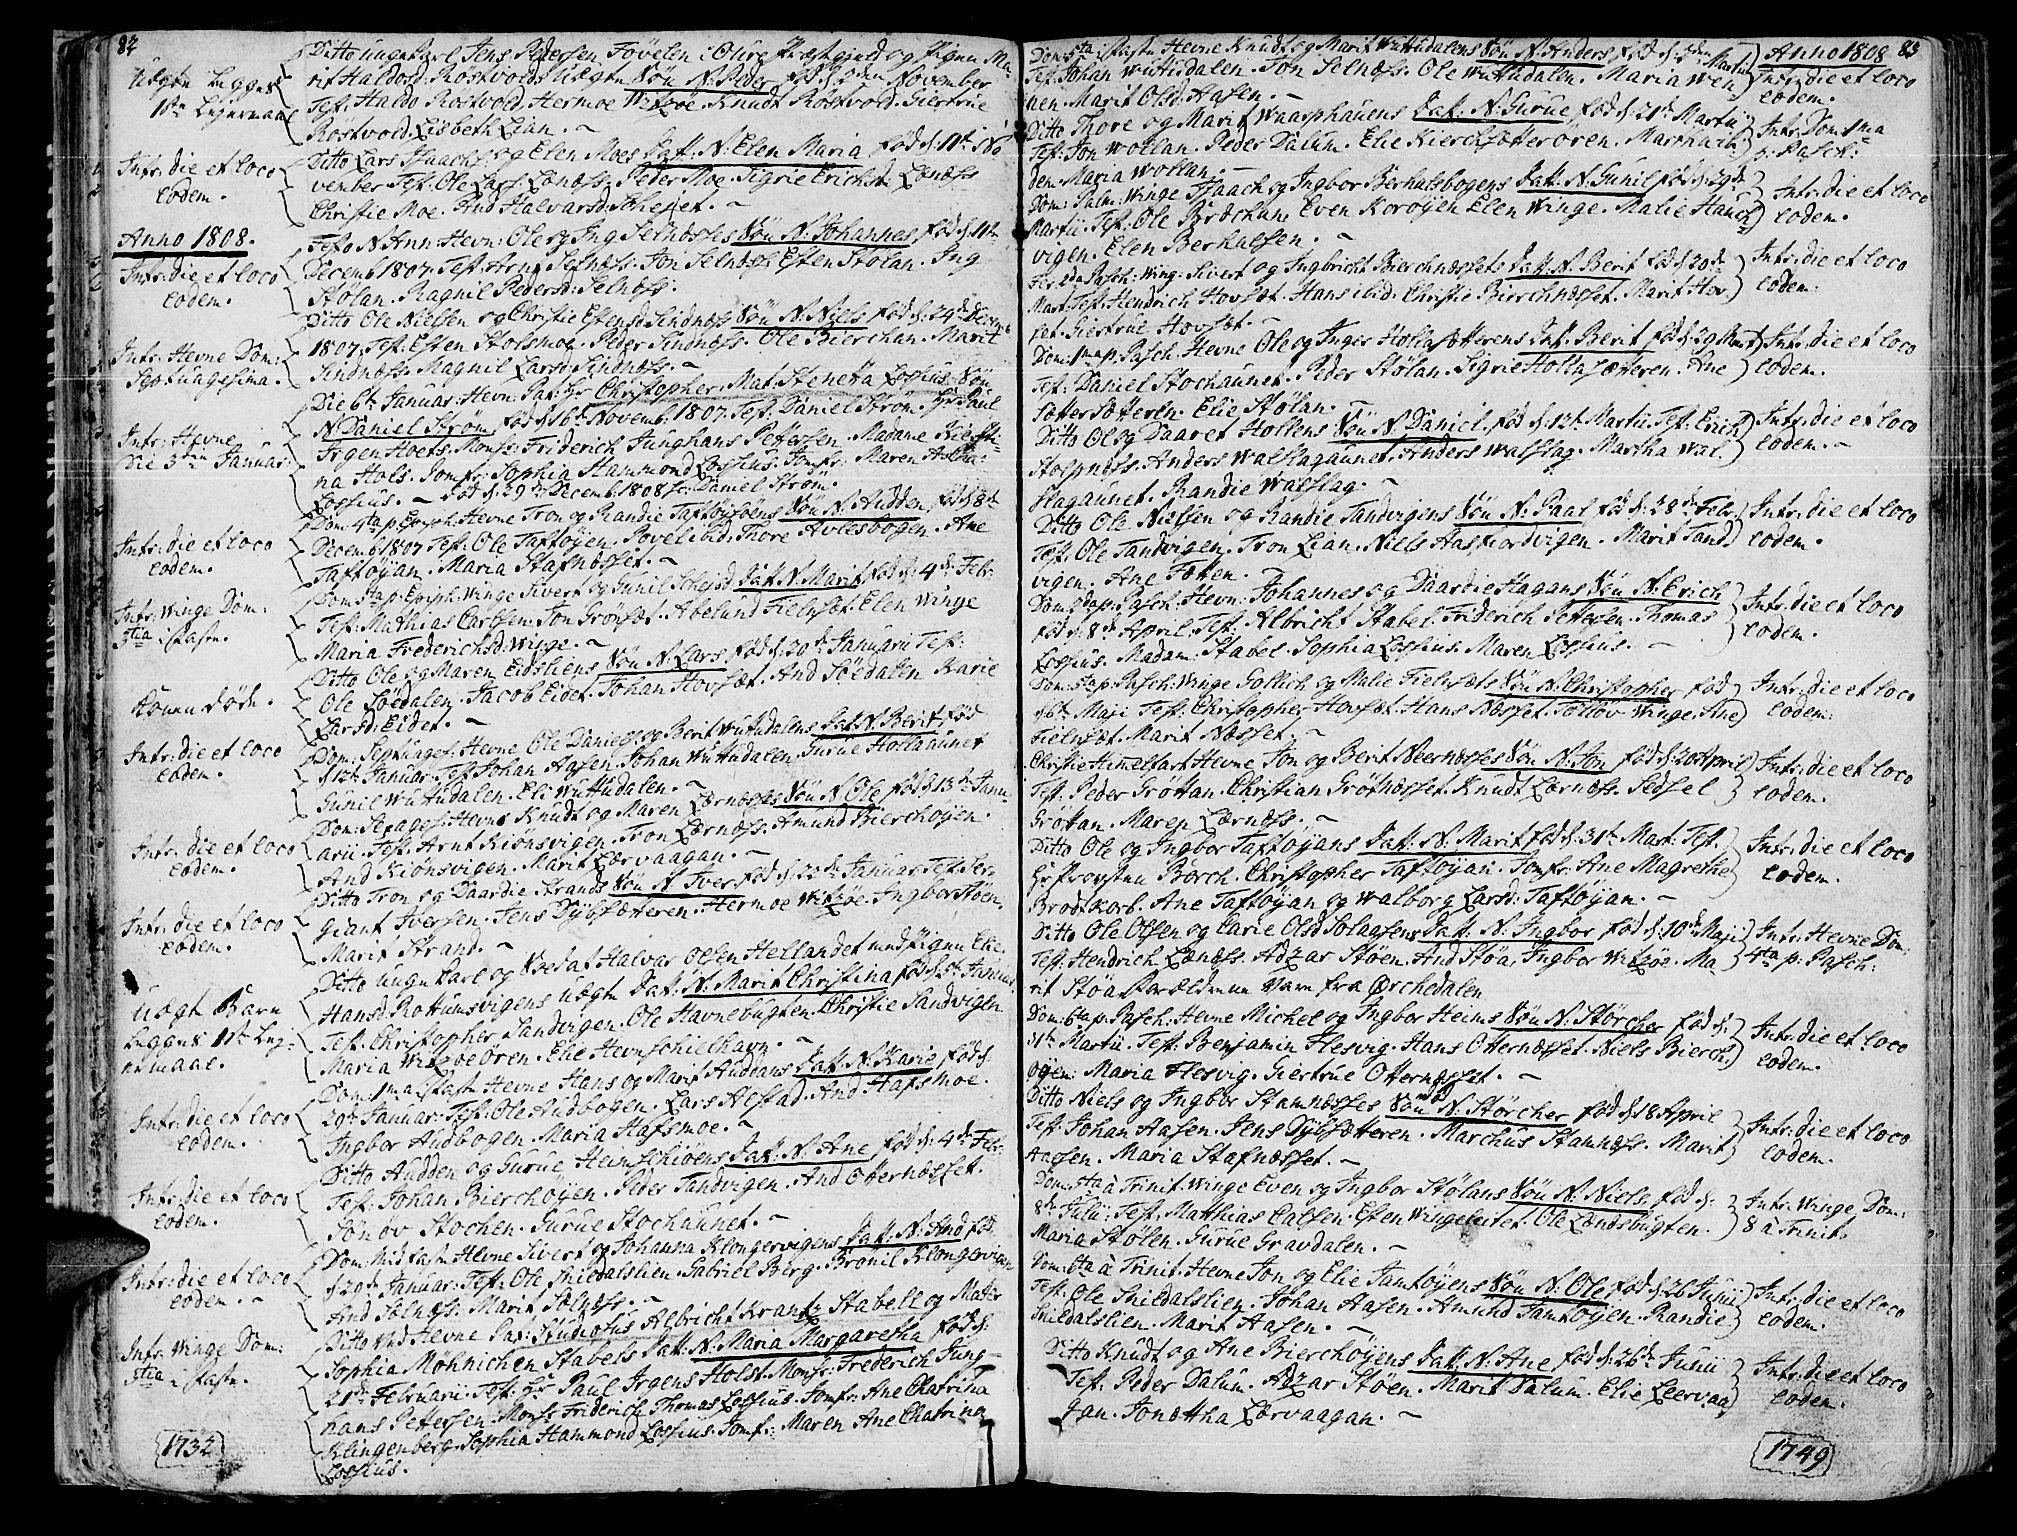 SAT, Ministerialprotokoller, klokkerbøker og fødselsregistre - Sør-Trøndelag, 630/L0490: Ministerialbok nr. 630A03, 1795-1818, s. 82-83